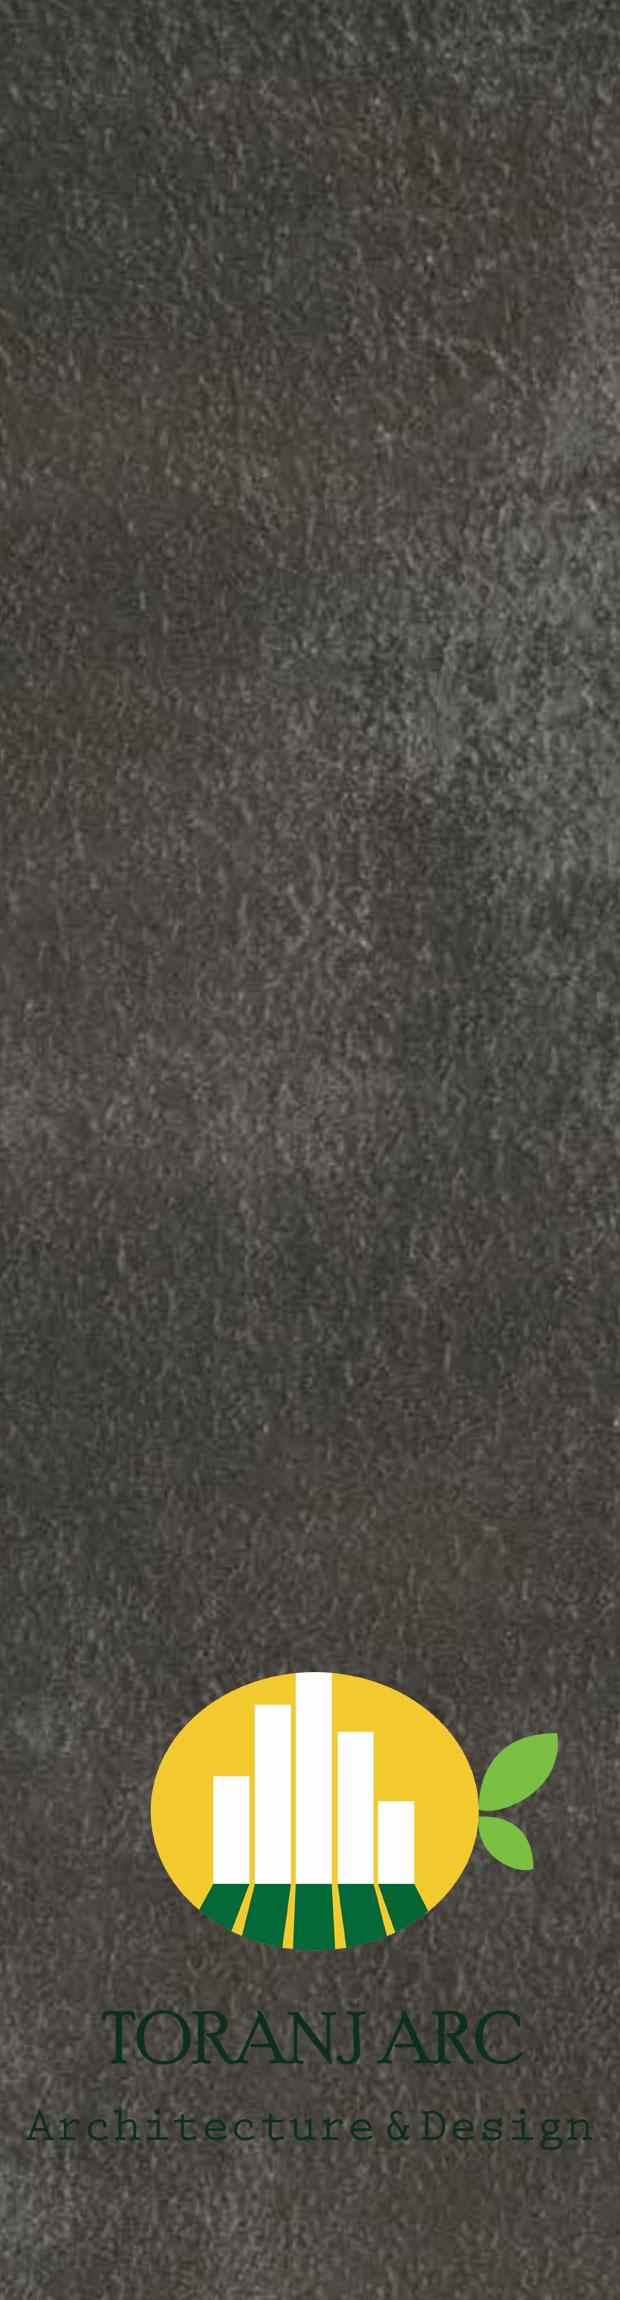 adofloor 1 9 کف پوش pvc